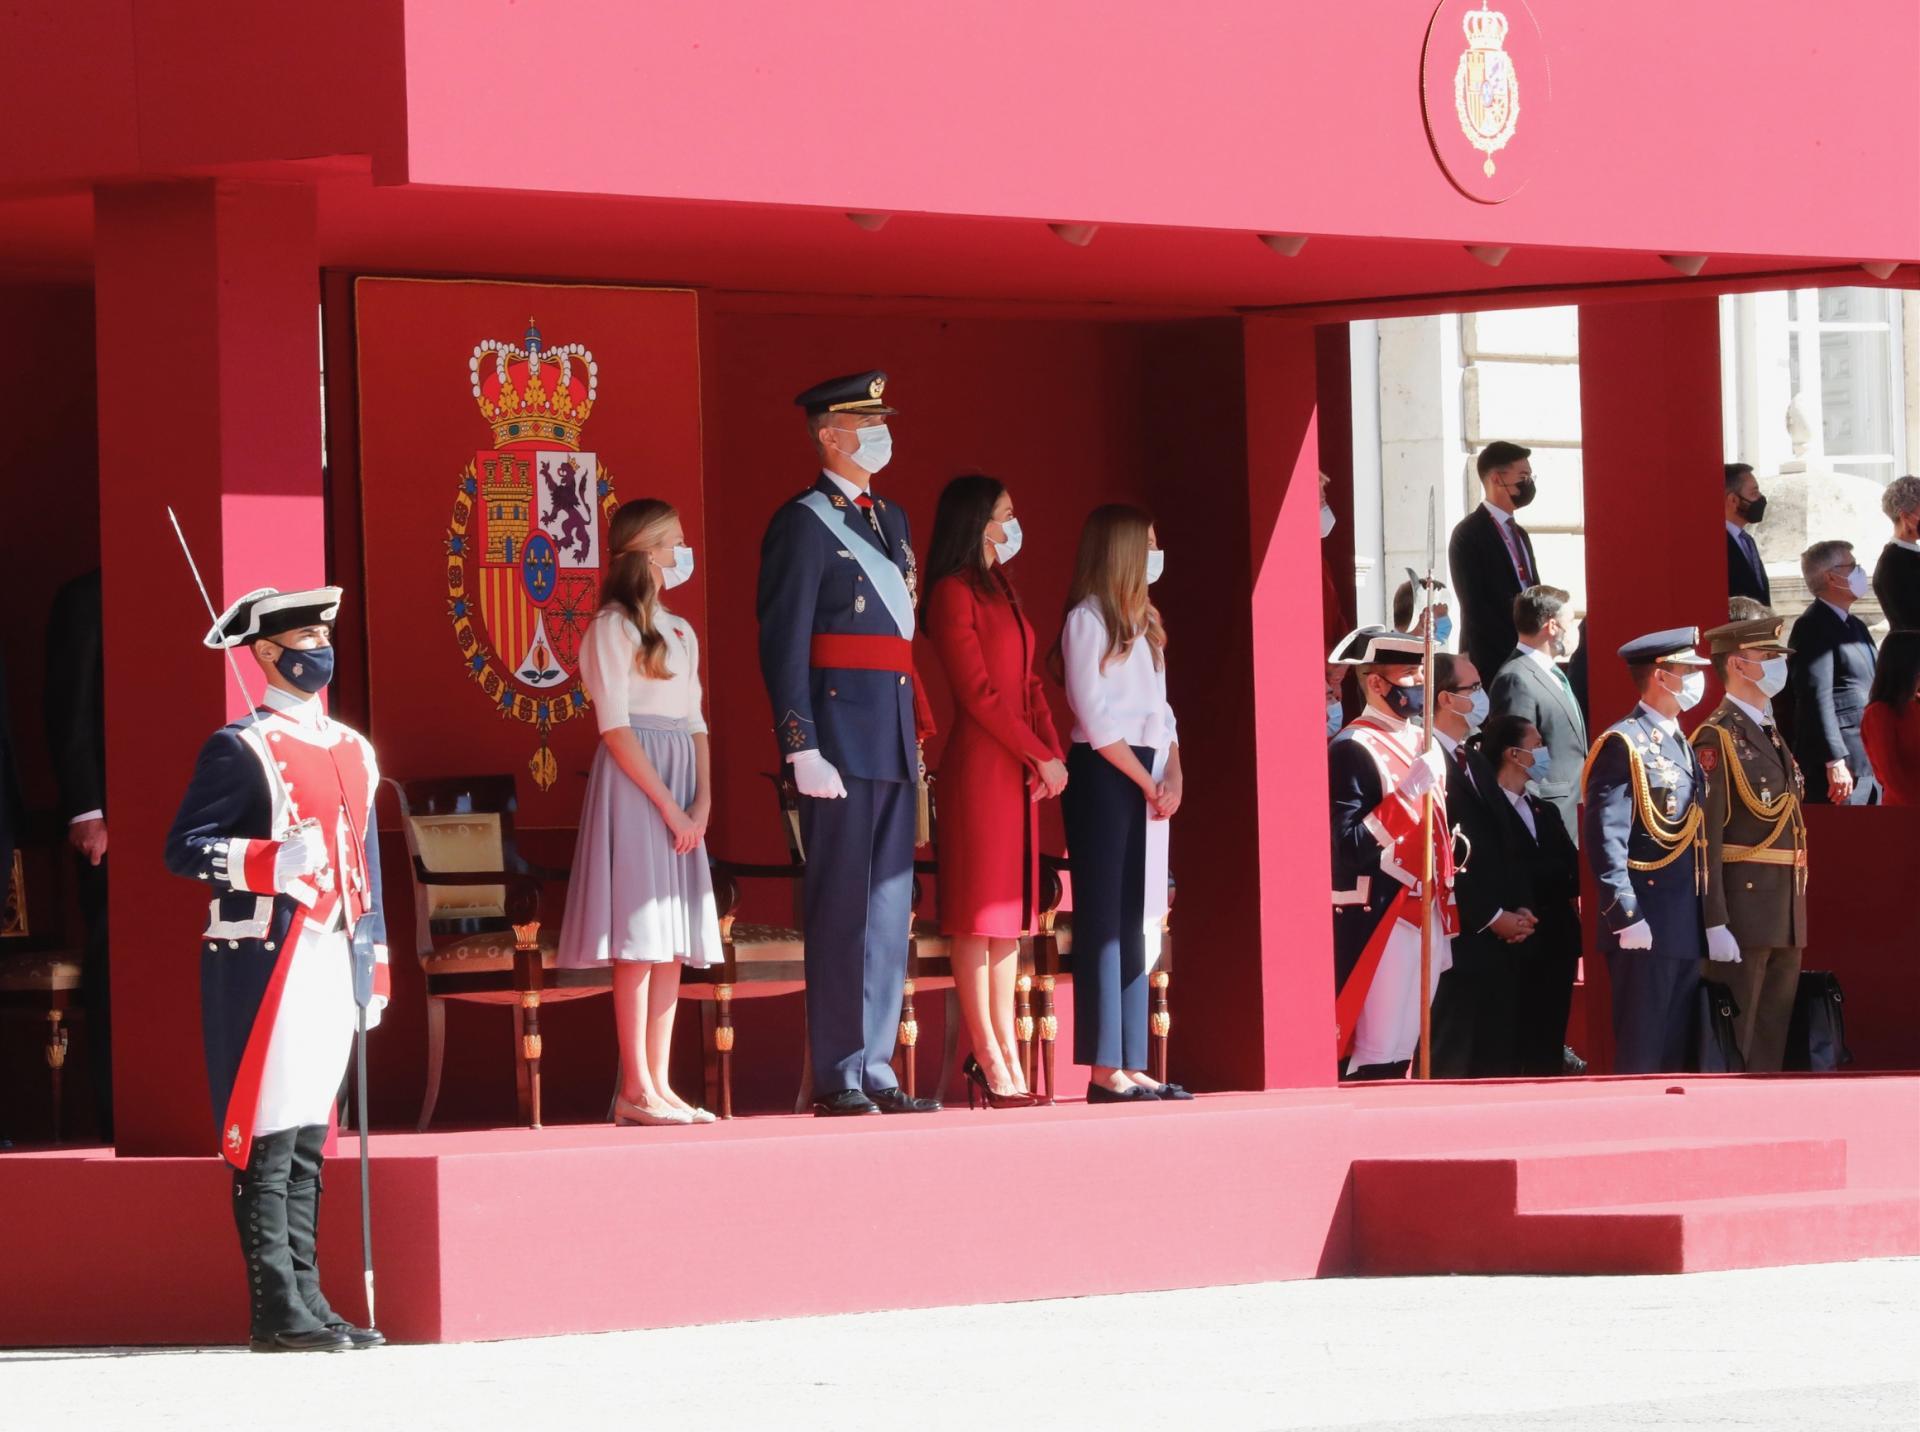 La famille royale d espagne reunie pour le 12 octobre